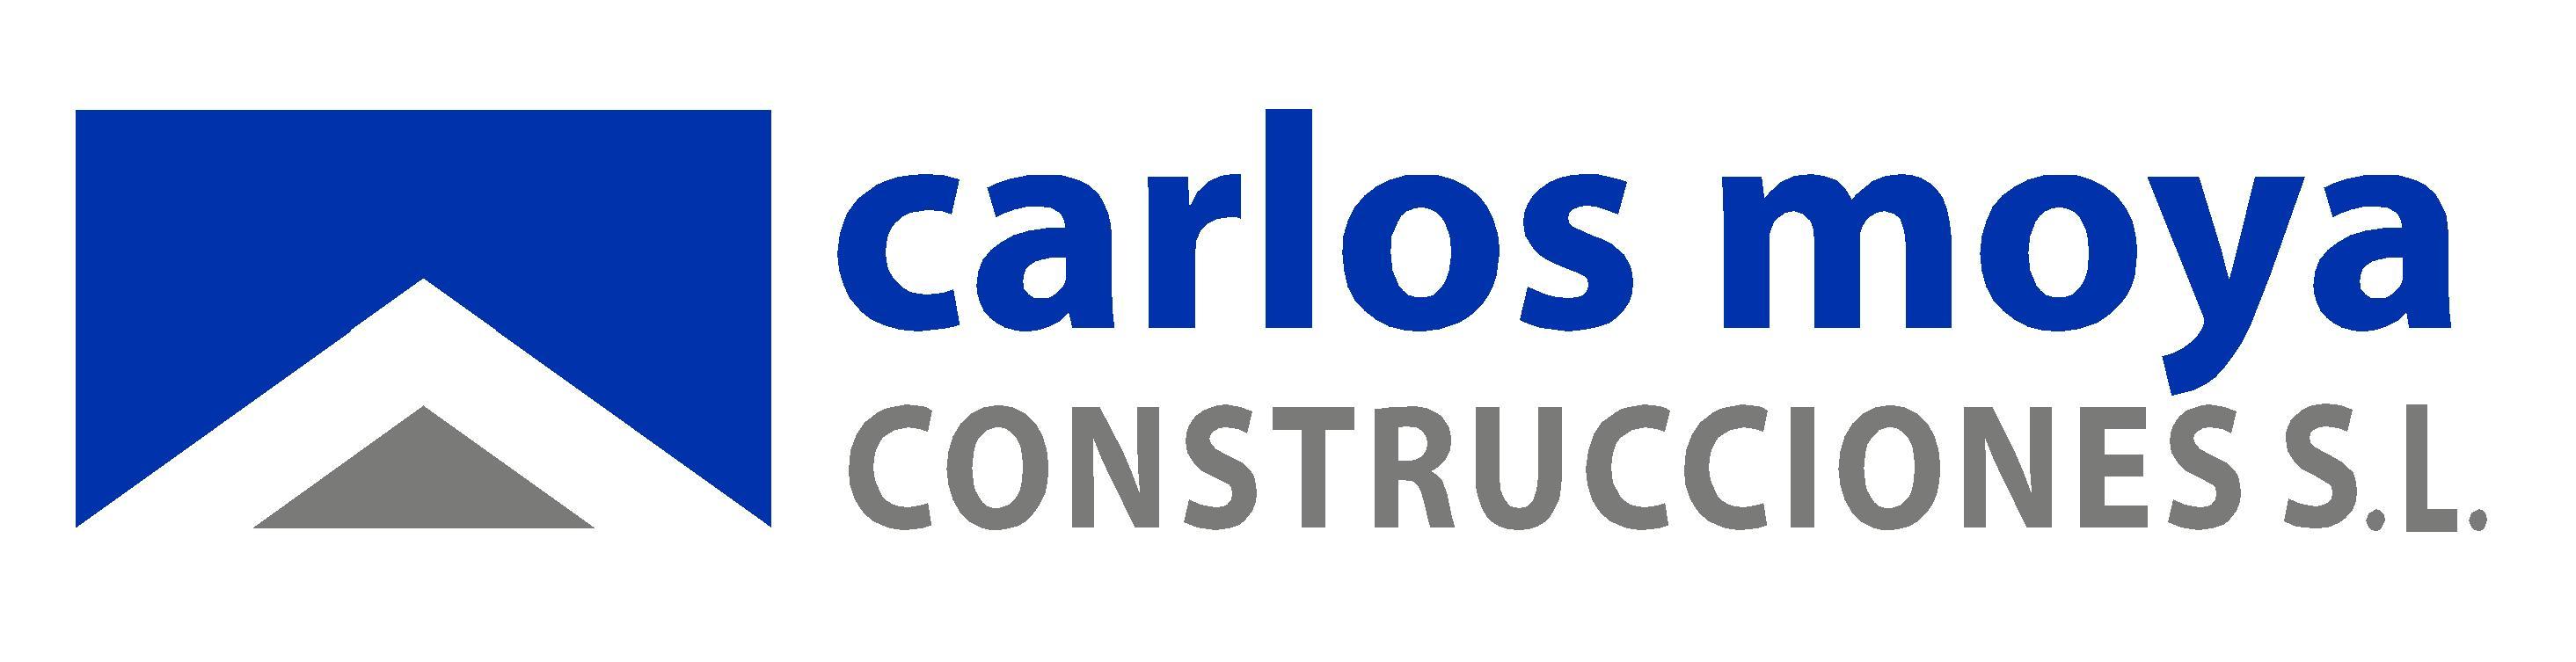 Carlos Moya Construcciones S.l